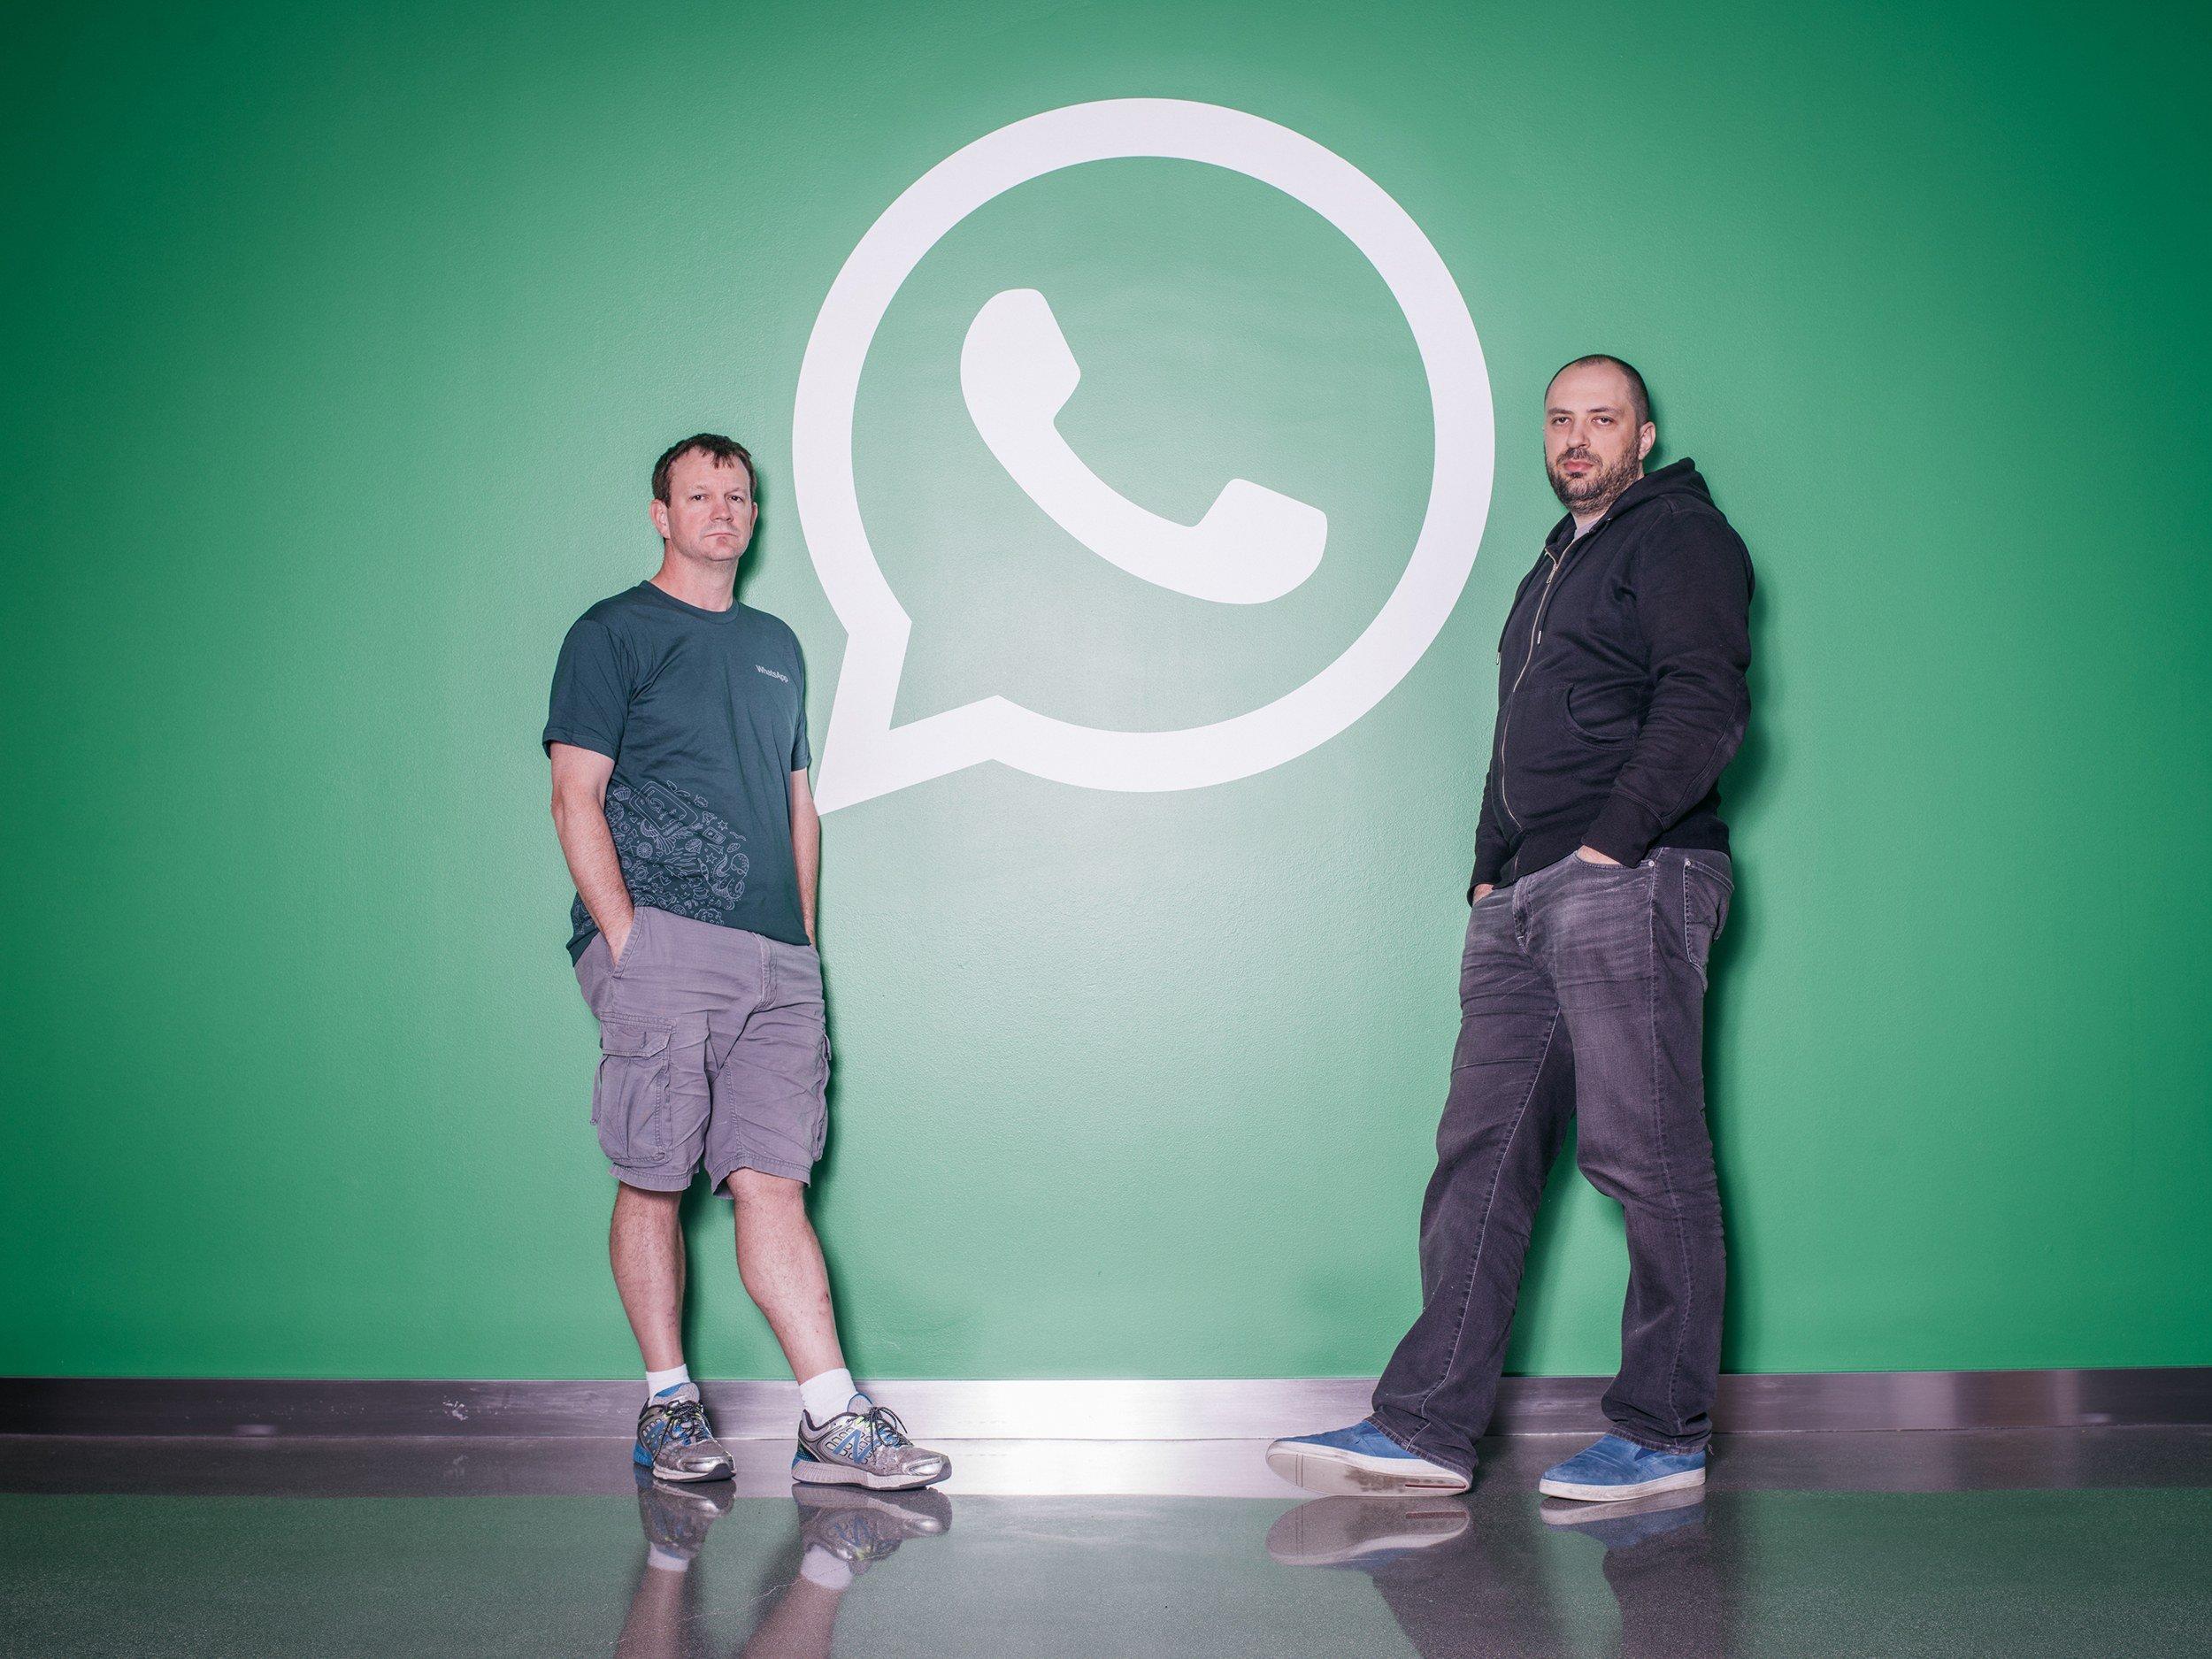 Jan Koum, o homem que superou todas as adversidades e se tornou o fundador do WhatsApp 4